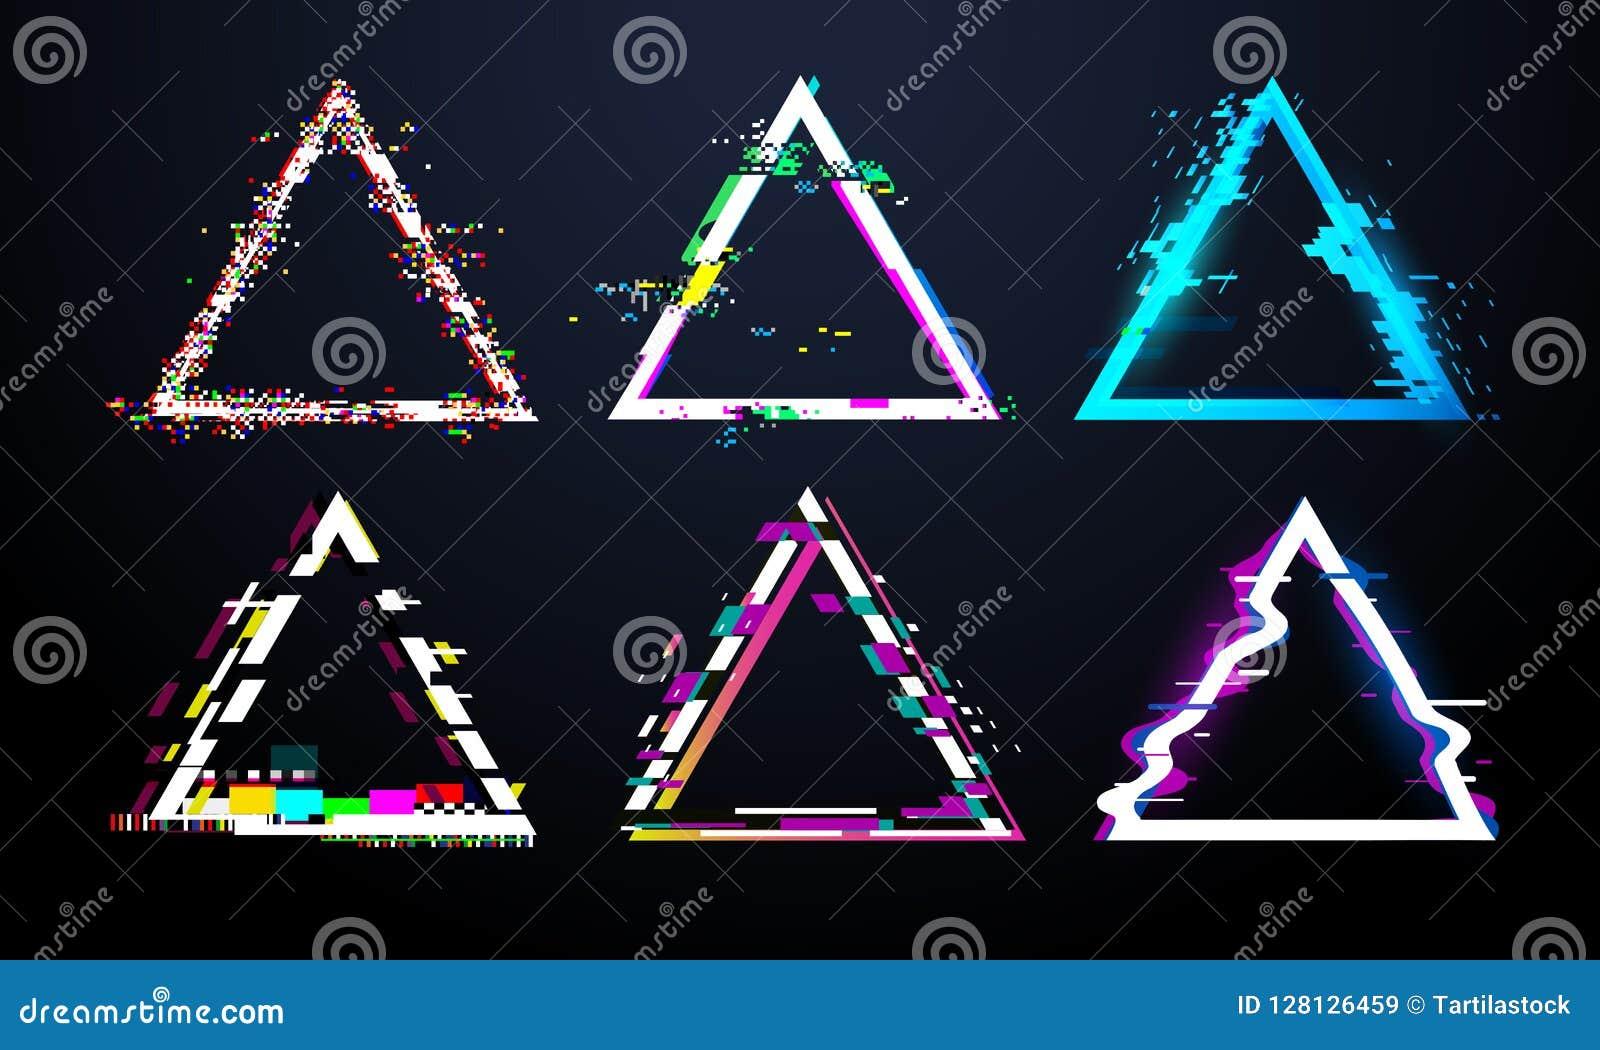 Рамка треугольника небольшого затруднения Передернутый экран ТВ, влияния черепашки света рванины на дефекте glitched треугольники